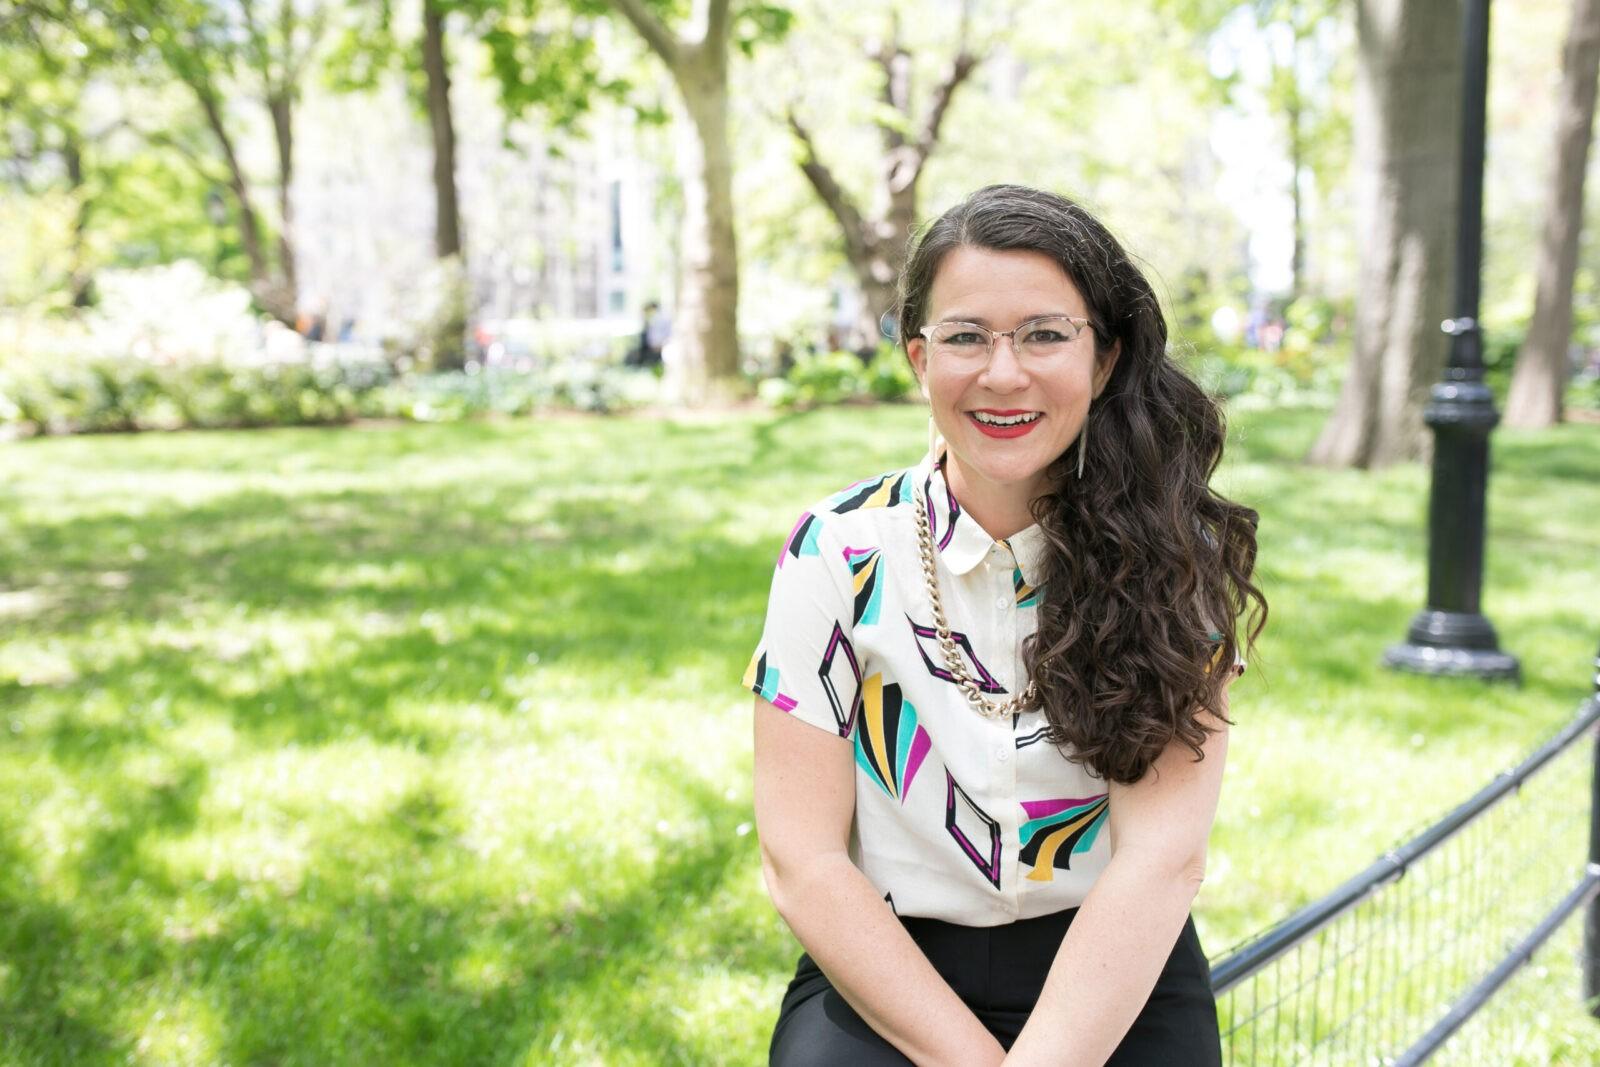 Victoria Albina in Madison Square Park